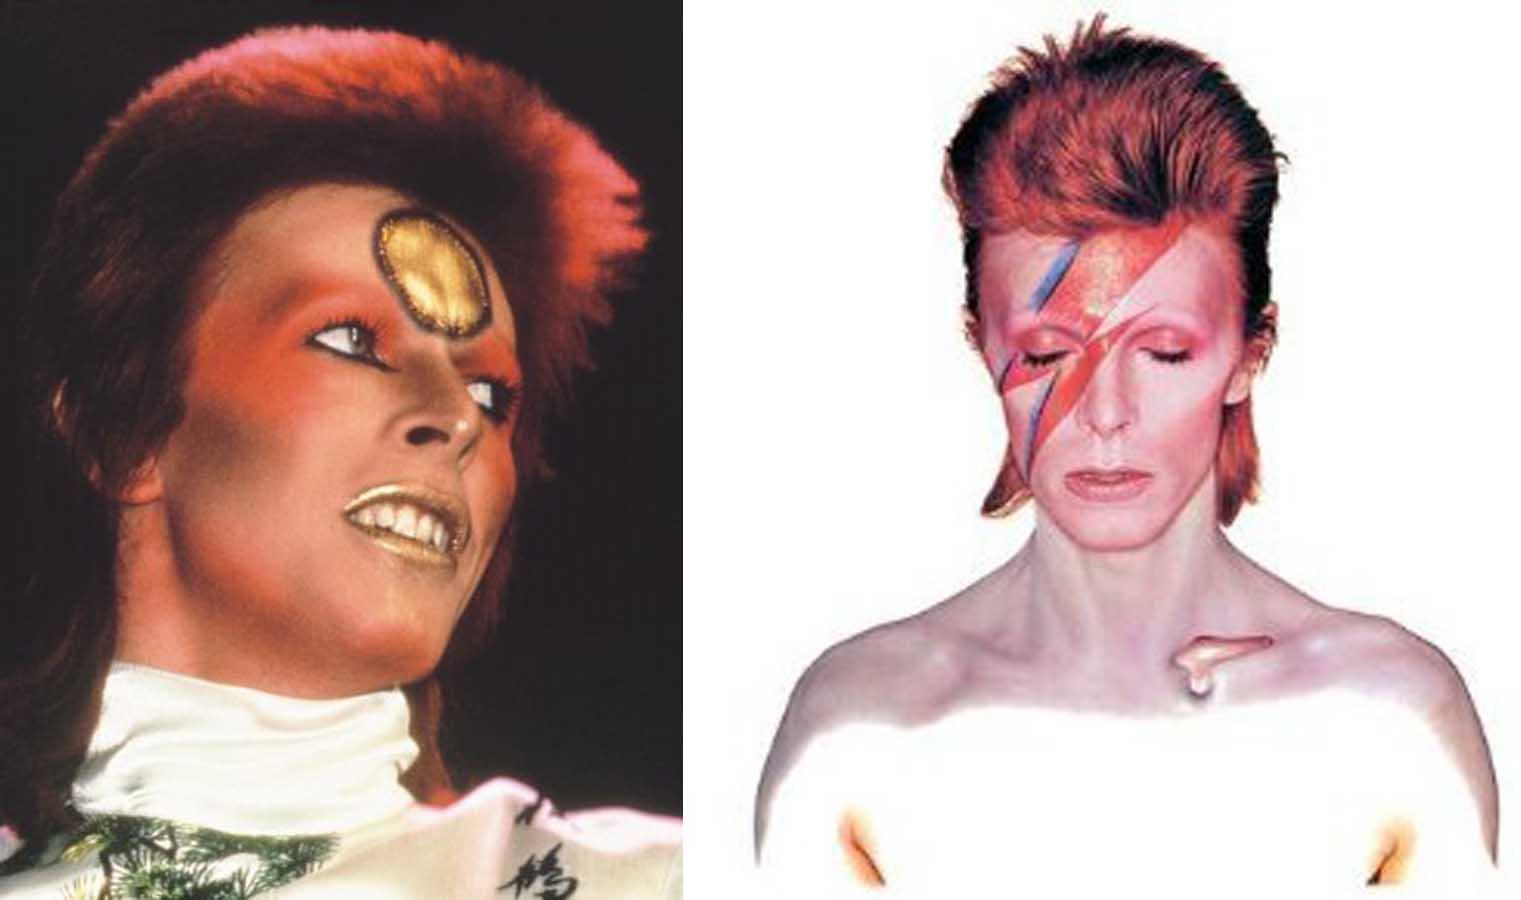 http://3.bp.blogspot.com/-Ruev1F7S9HQ/TwEhussVctI/AAAAAAAAB4w/TJz4Z7_OCZY/s1600/bowie-king-of-pop-music-7.jpg